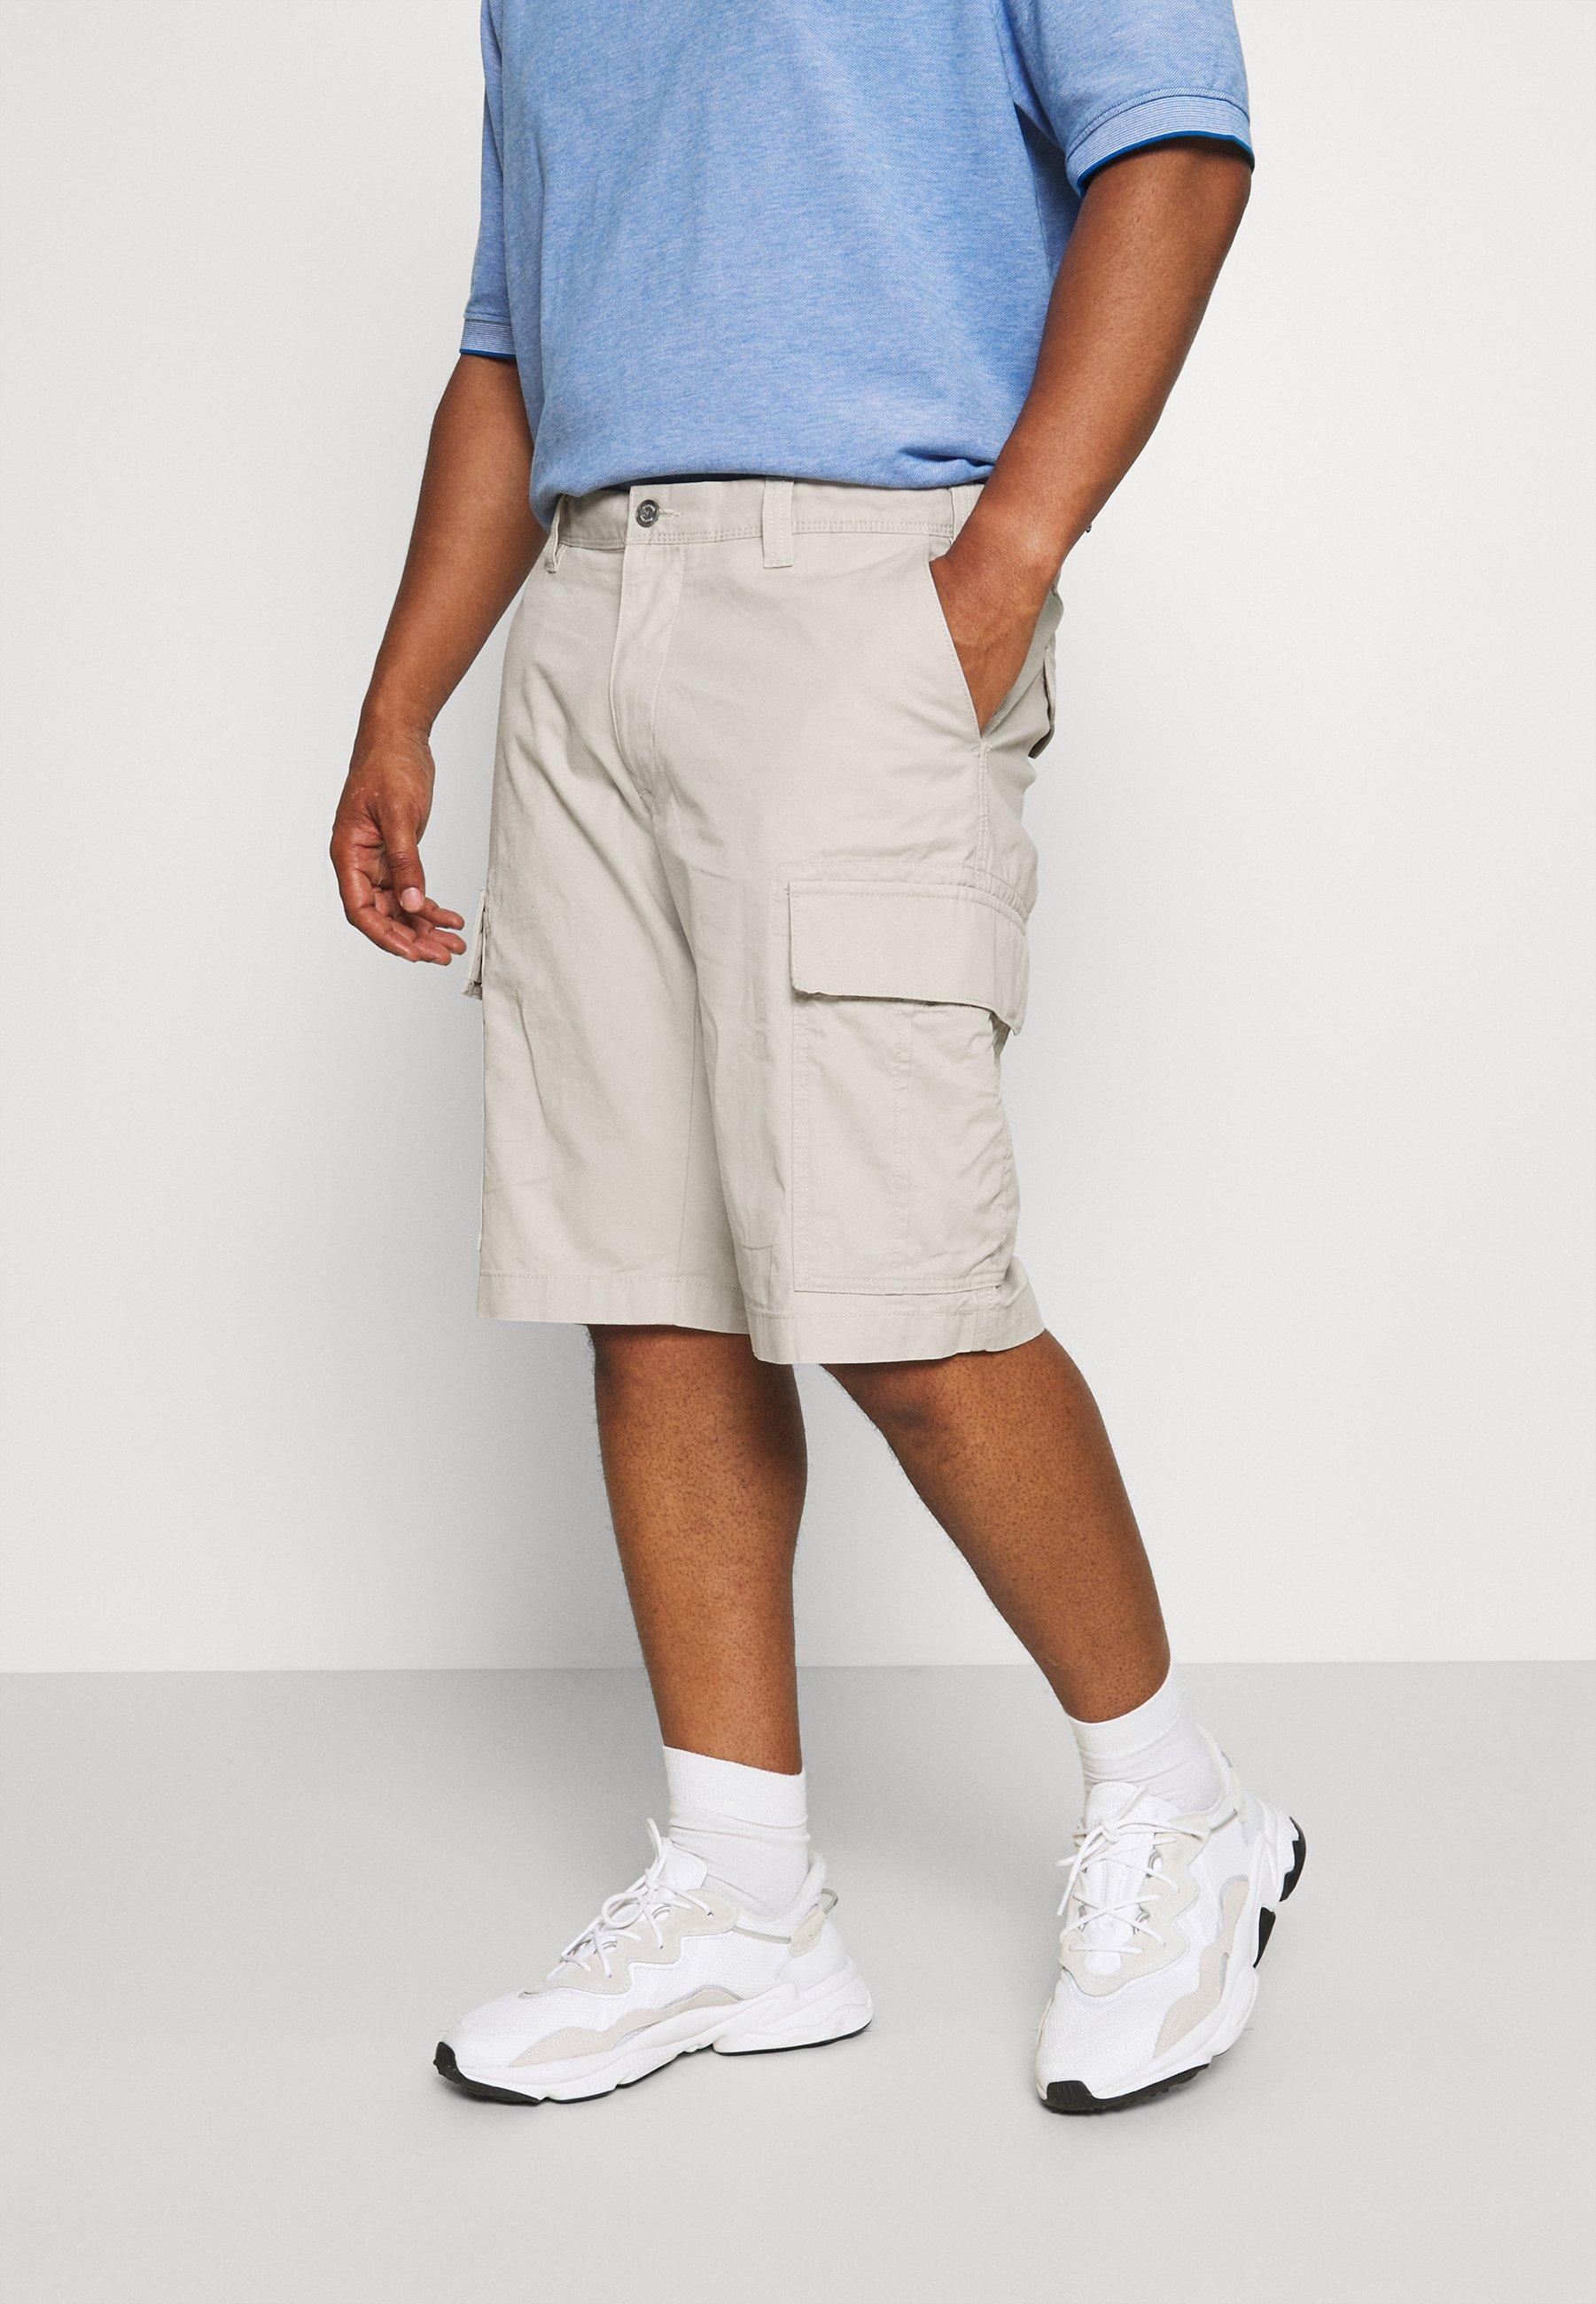 Men JOHN CARGO SHORT LIGHT - Shorts